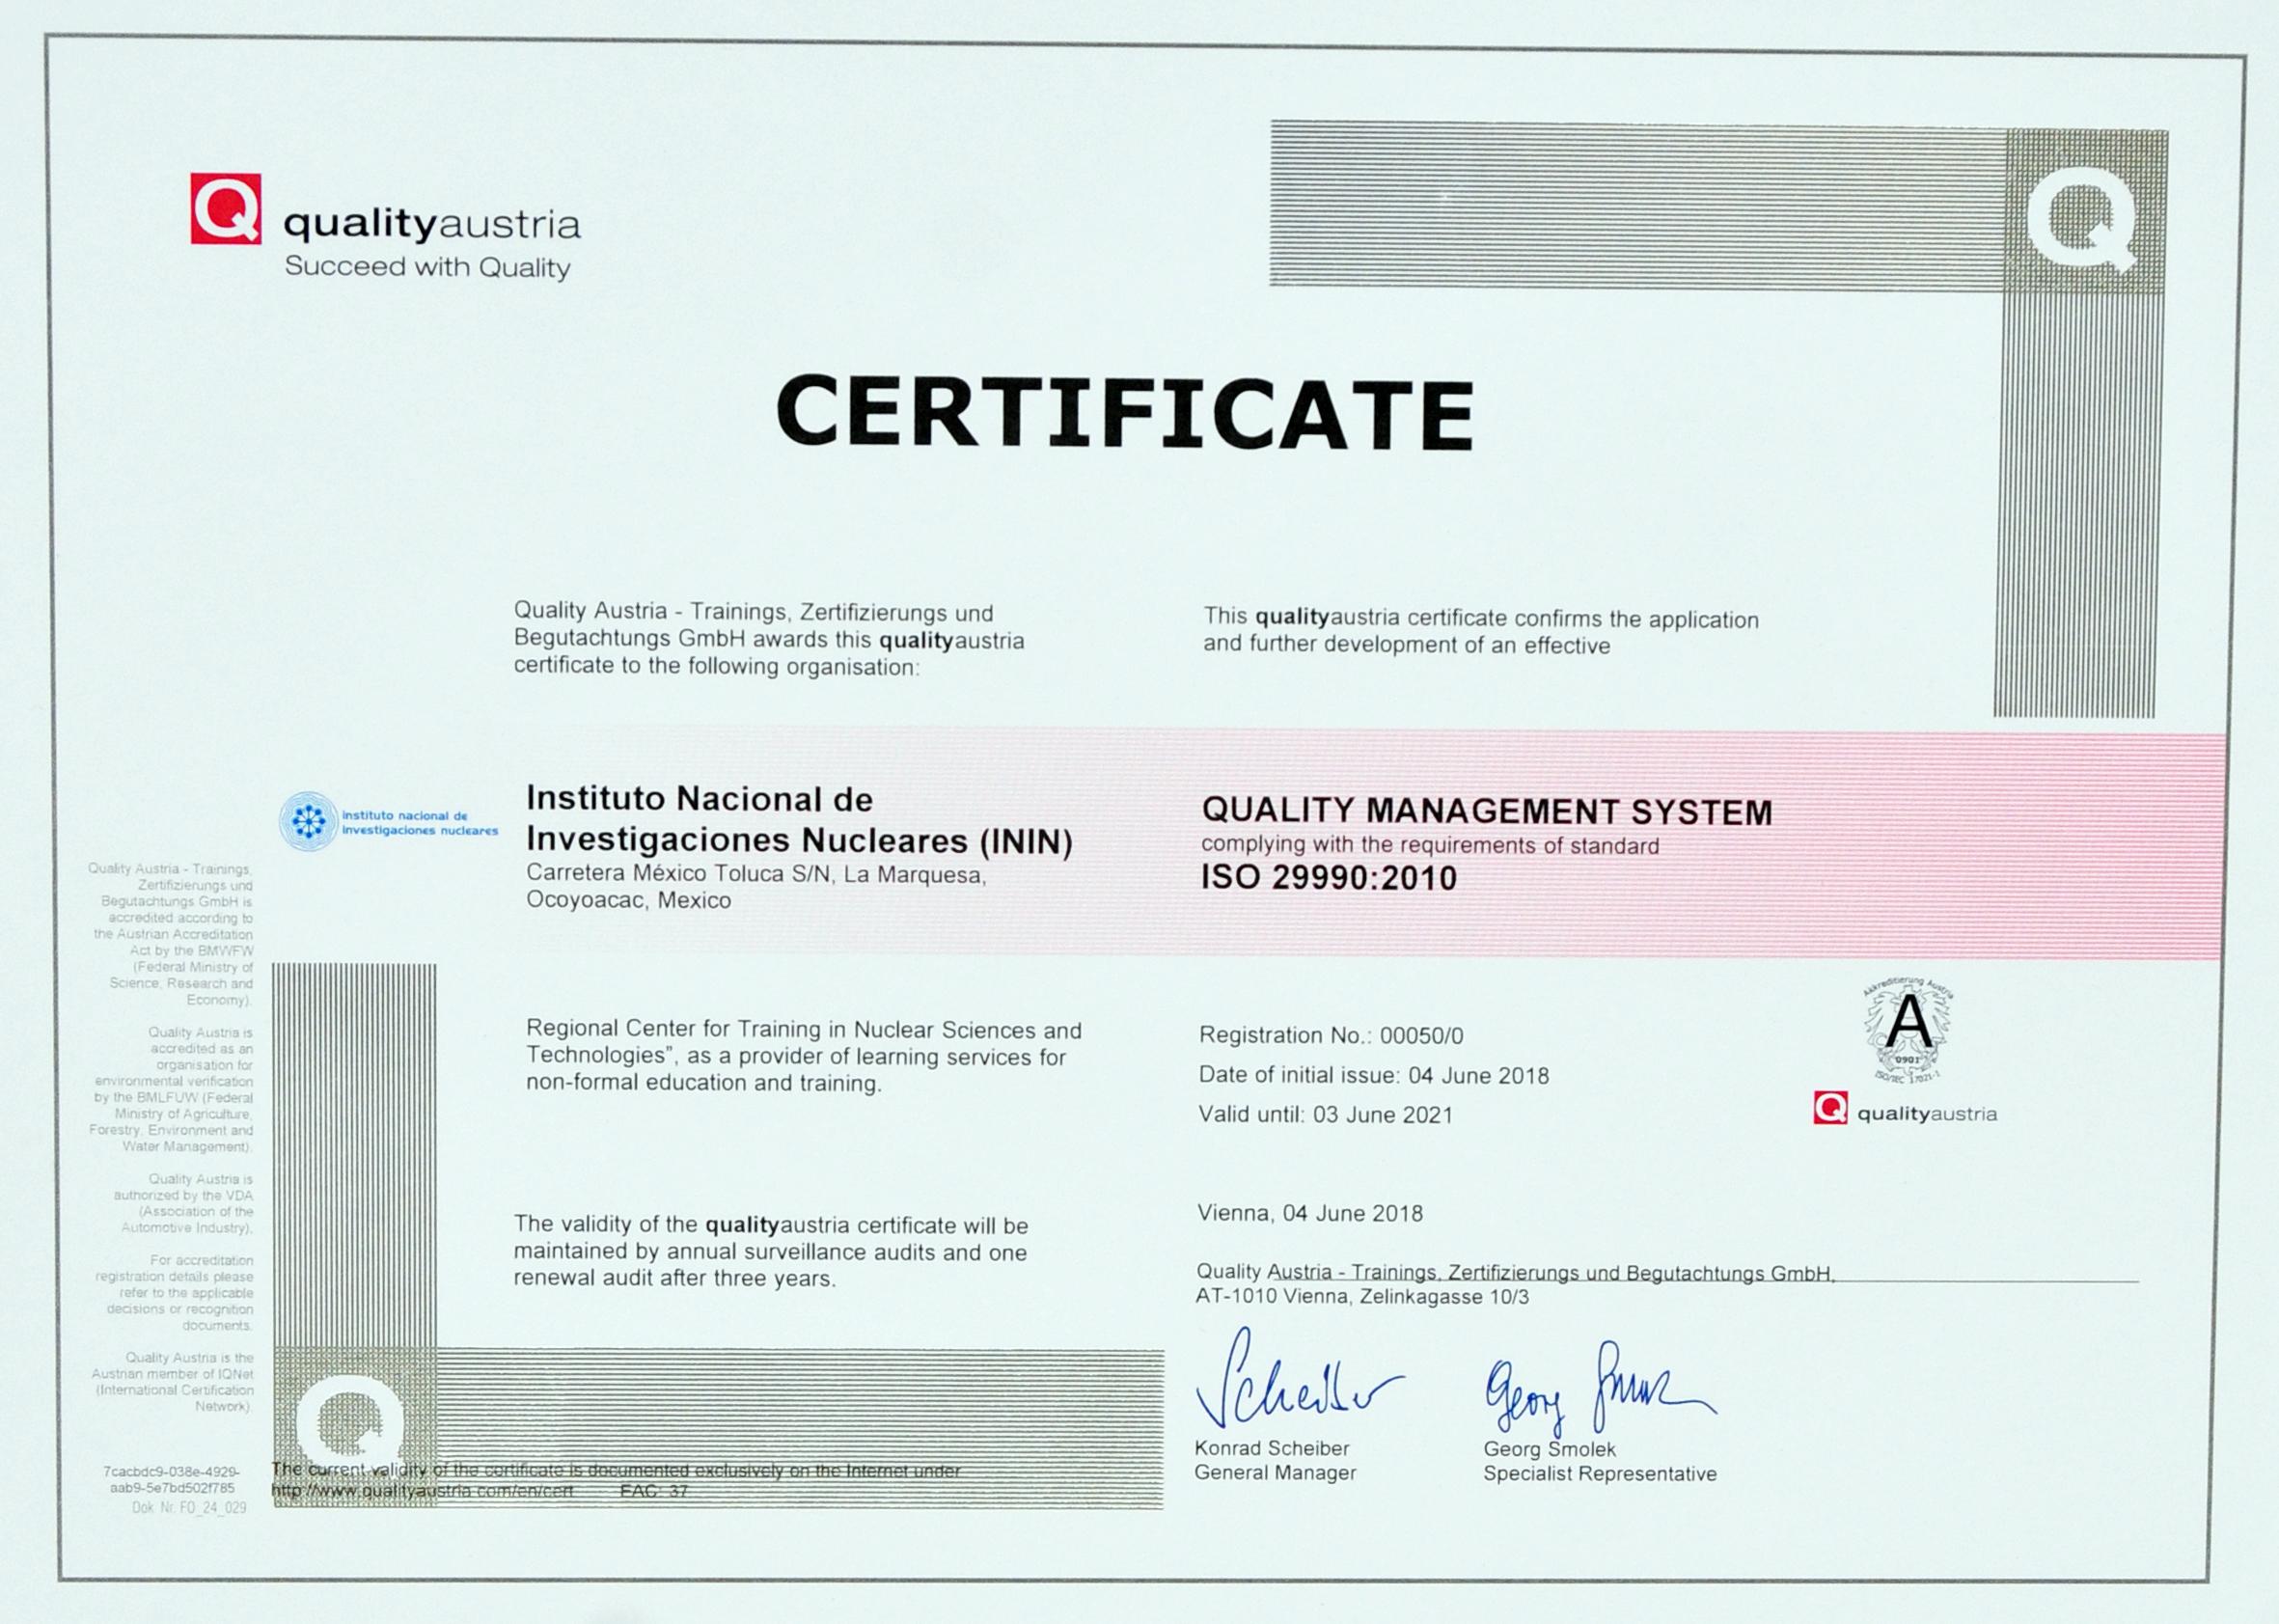 El ININ obtiene la certificación ISO 29990:2010